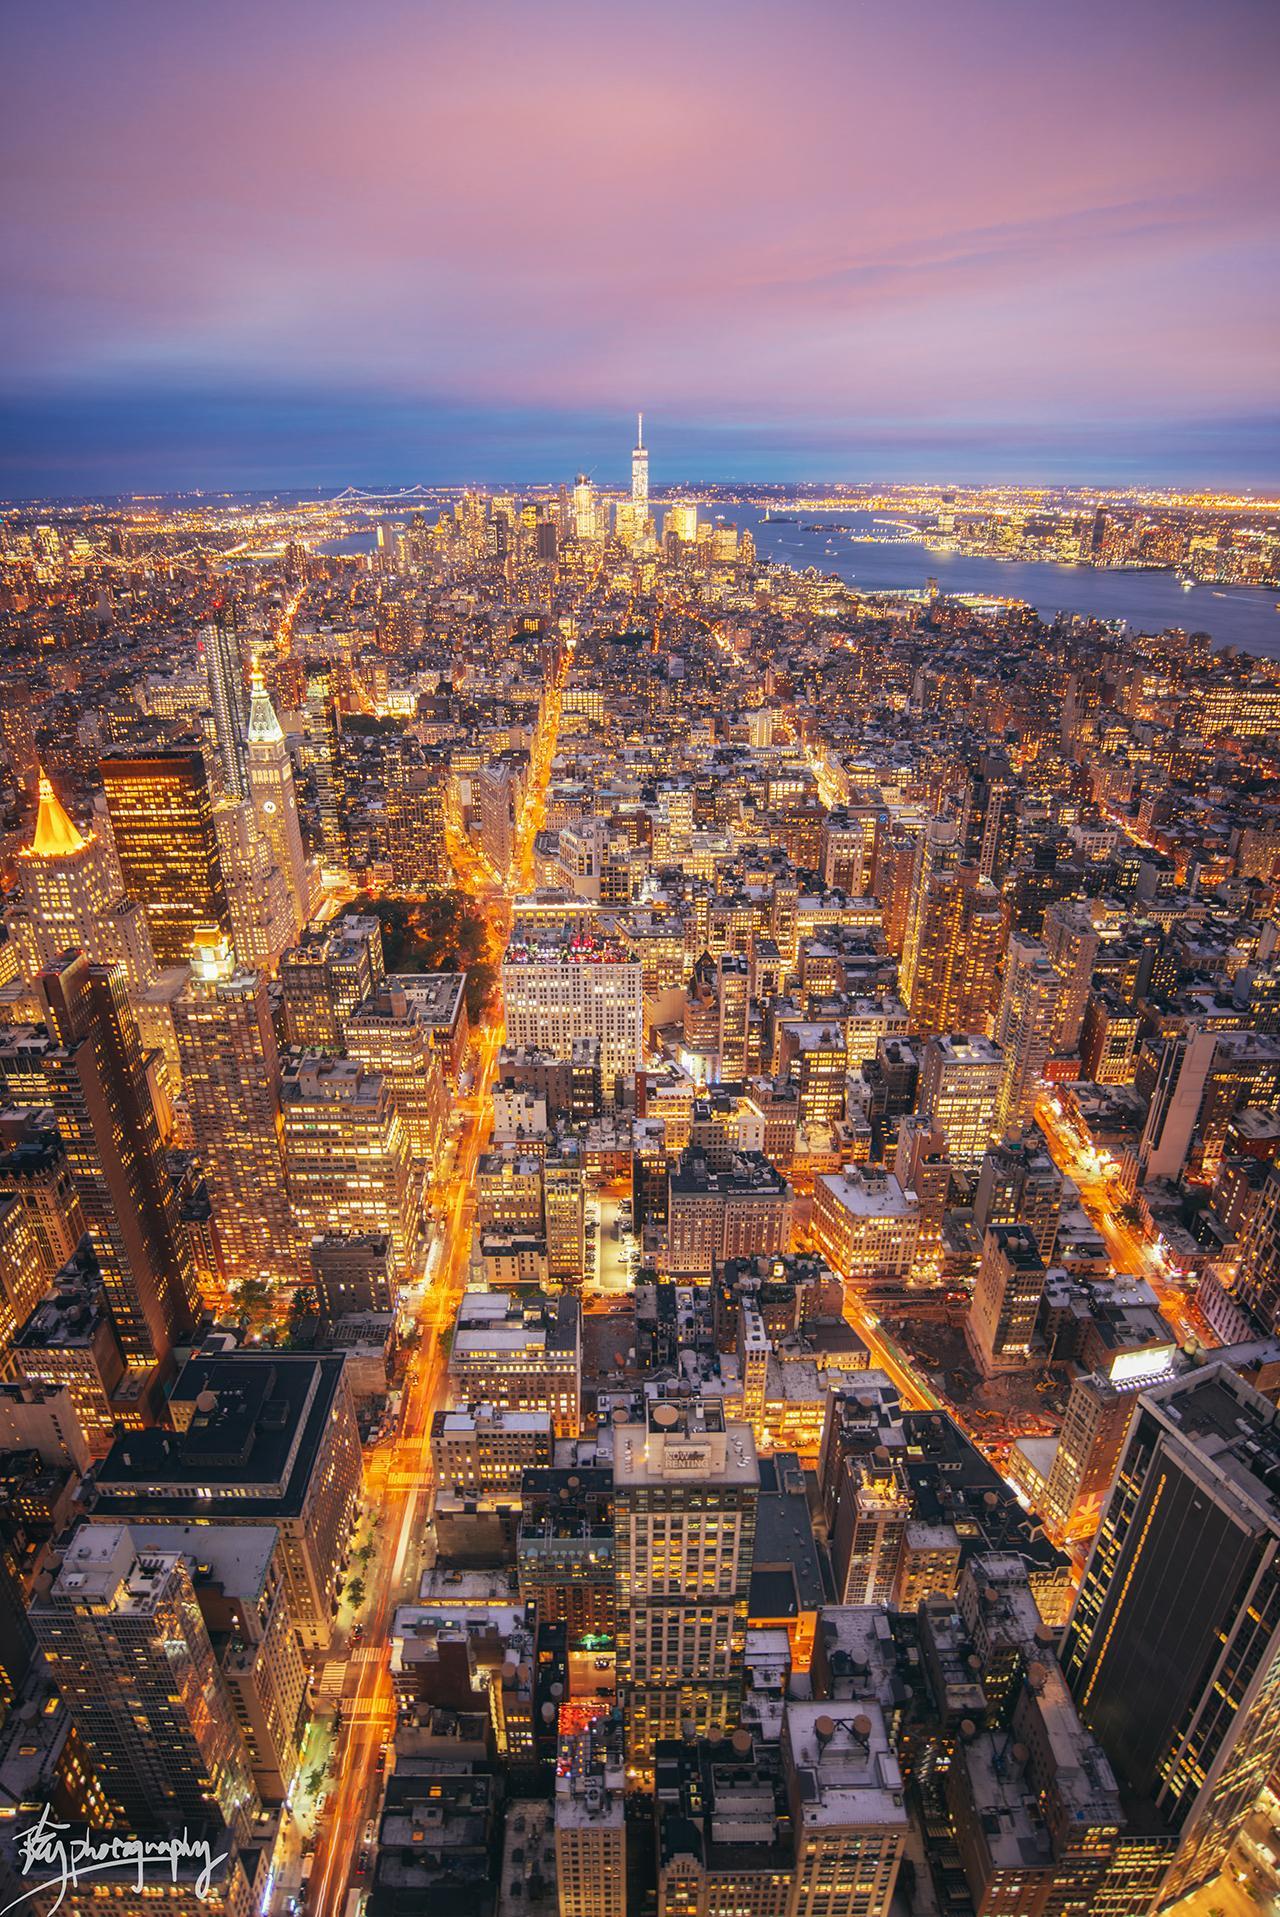 有哪些漂亮的城市夜景图?